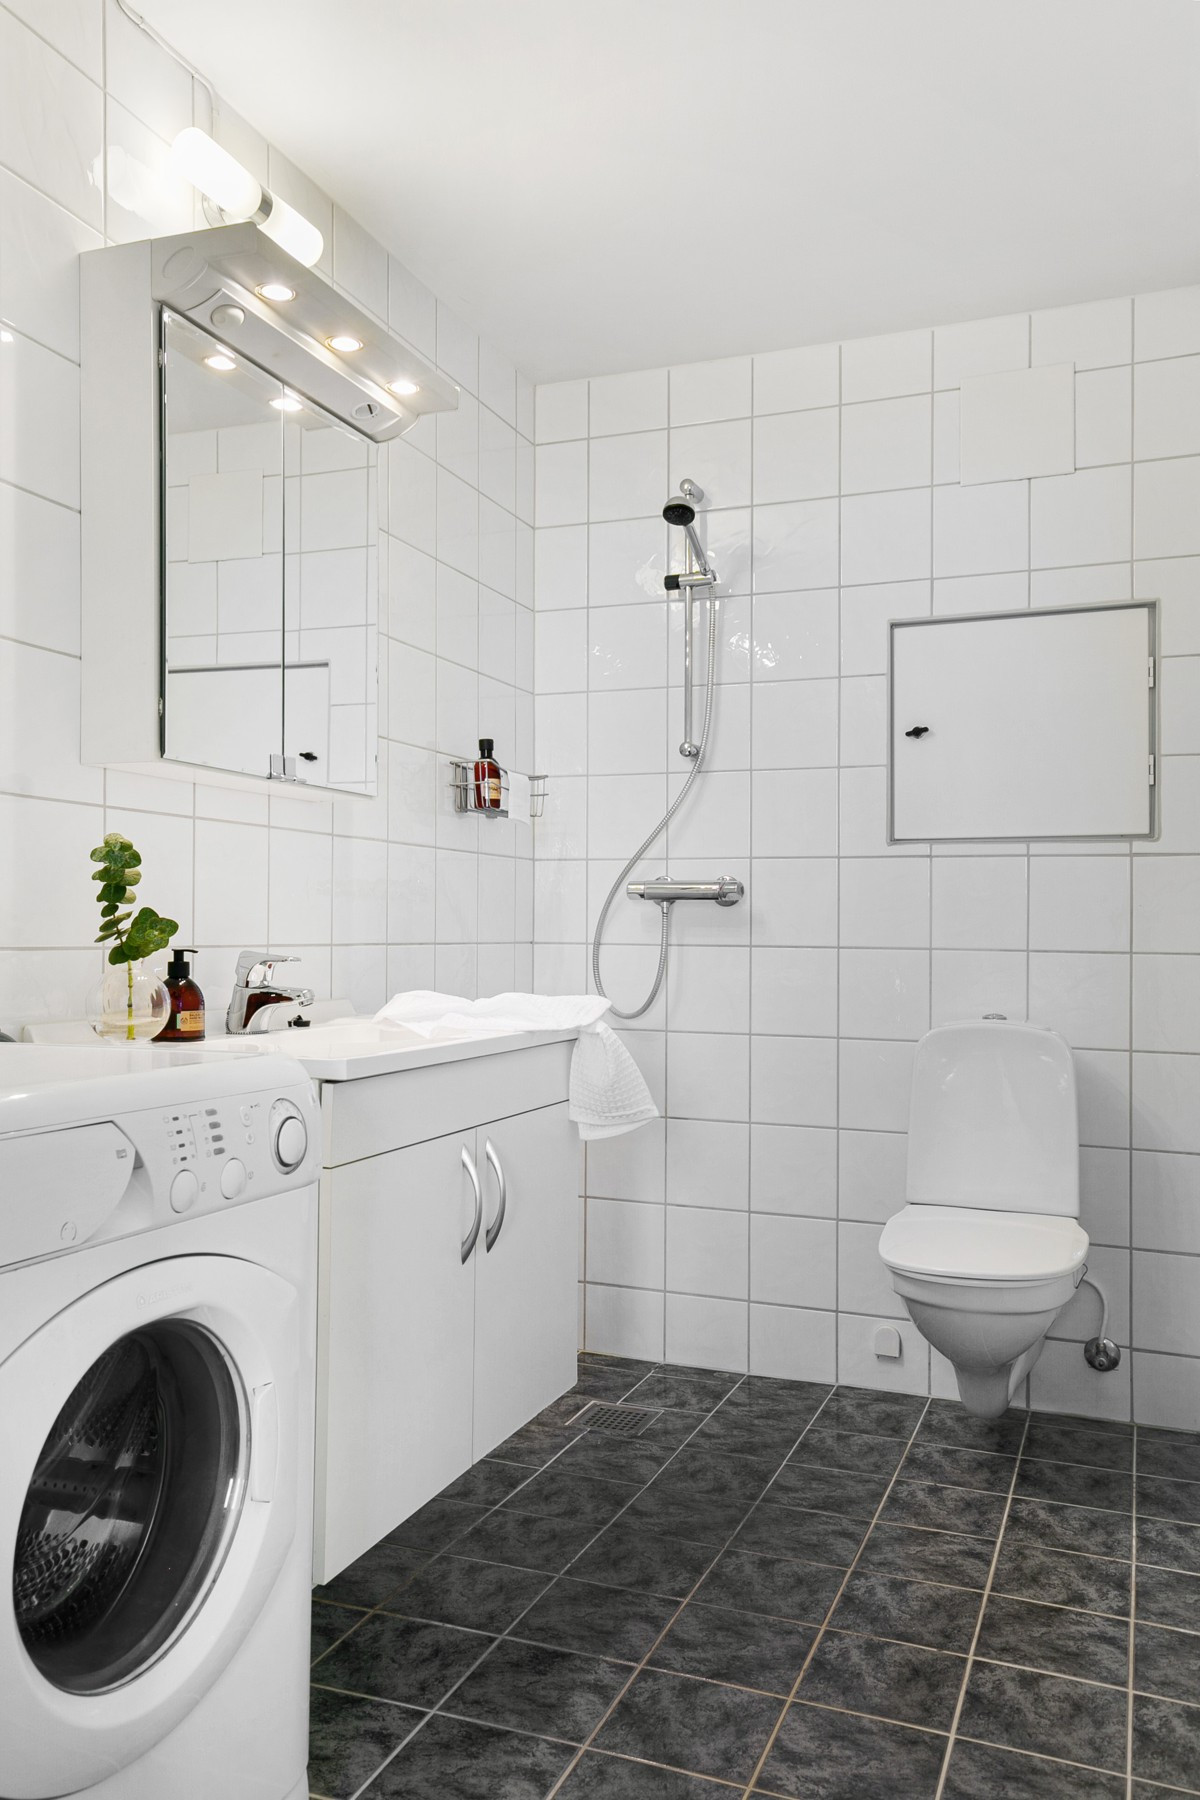 Komplett fliselagt baderom med dusjhjørne, wc og servant